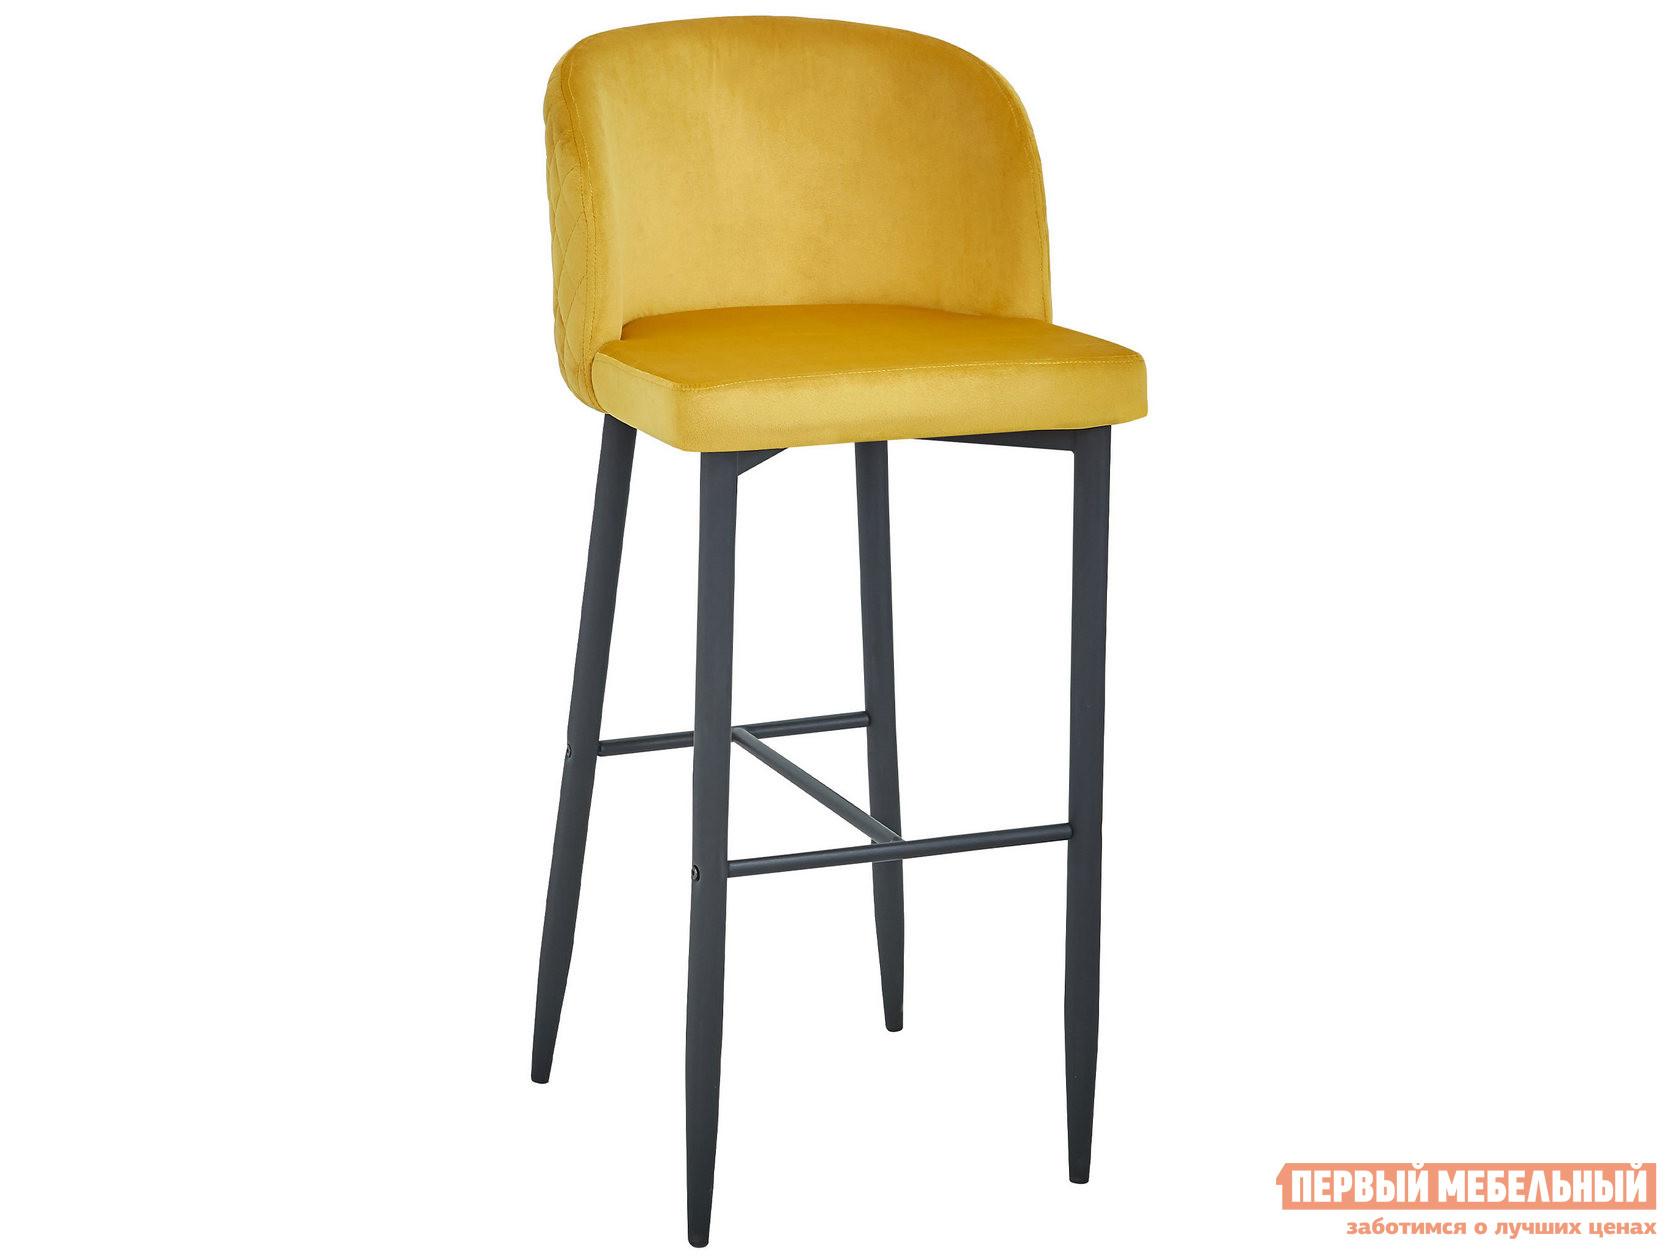 Барный стул MC11B HLR-41 Оранжевый, велюр фото